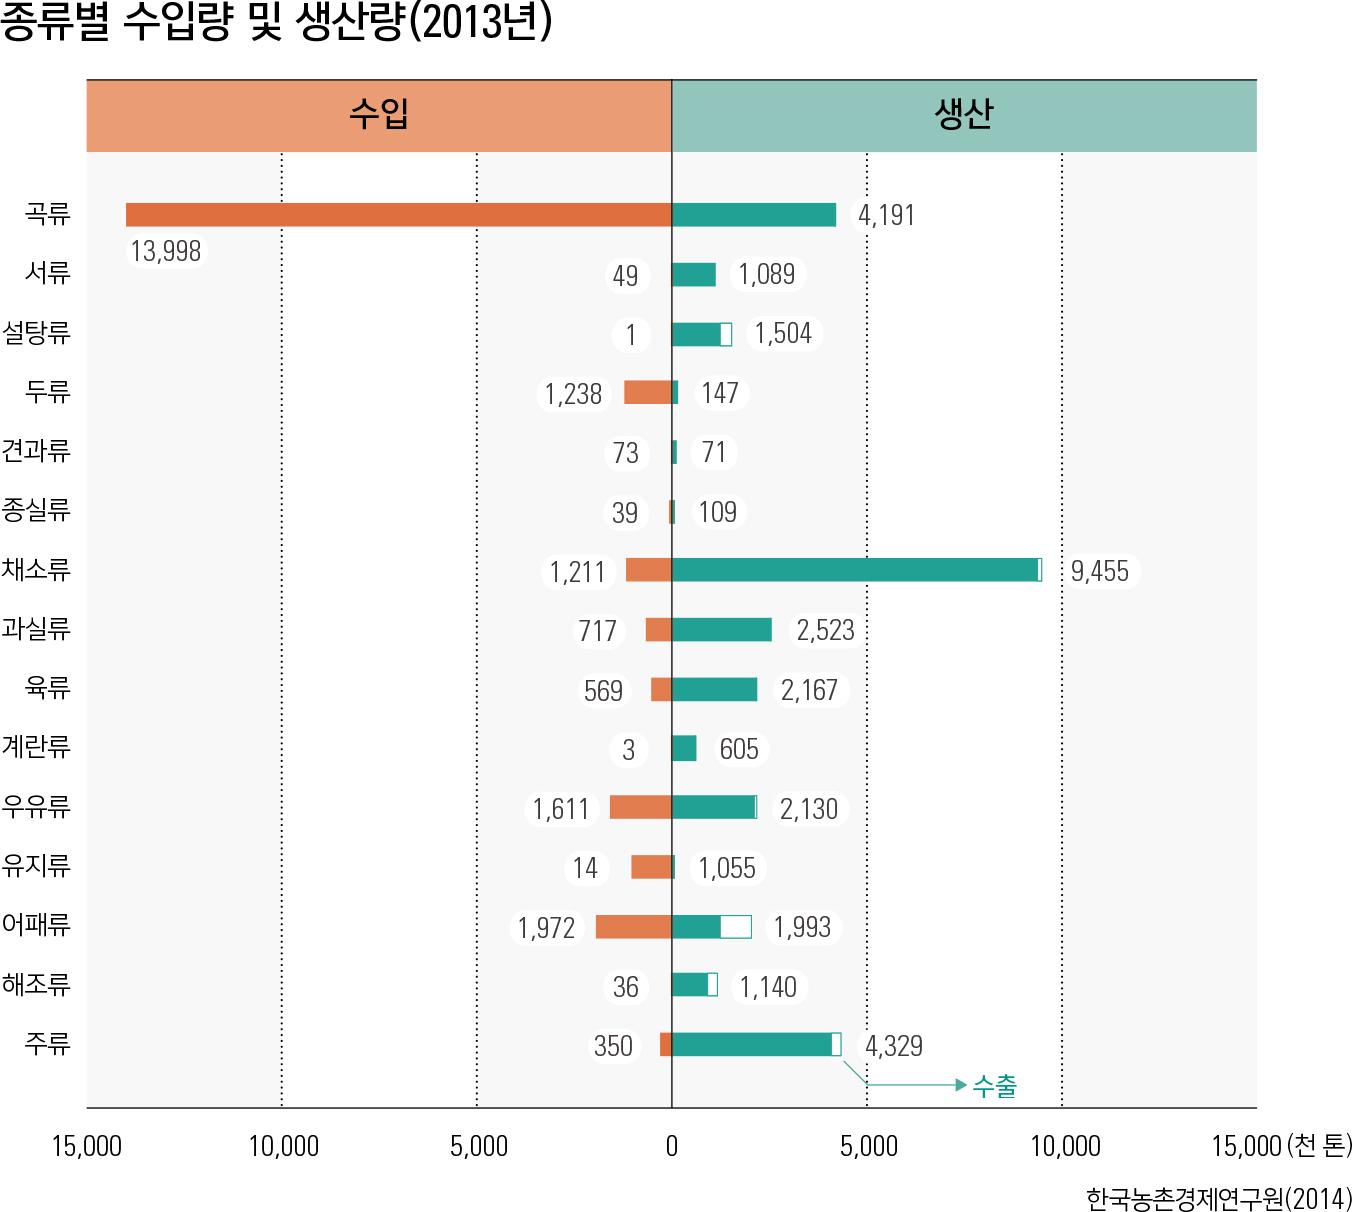 종류별 수입량 및 생산량(2013년)